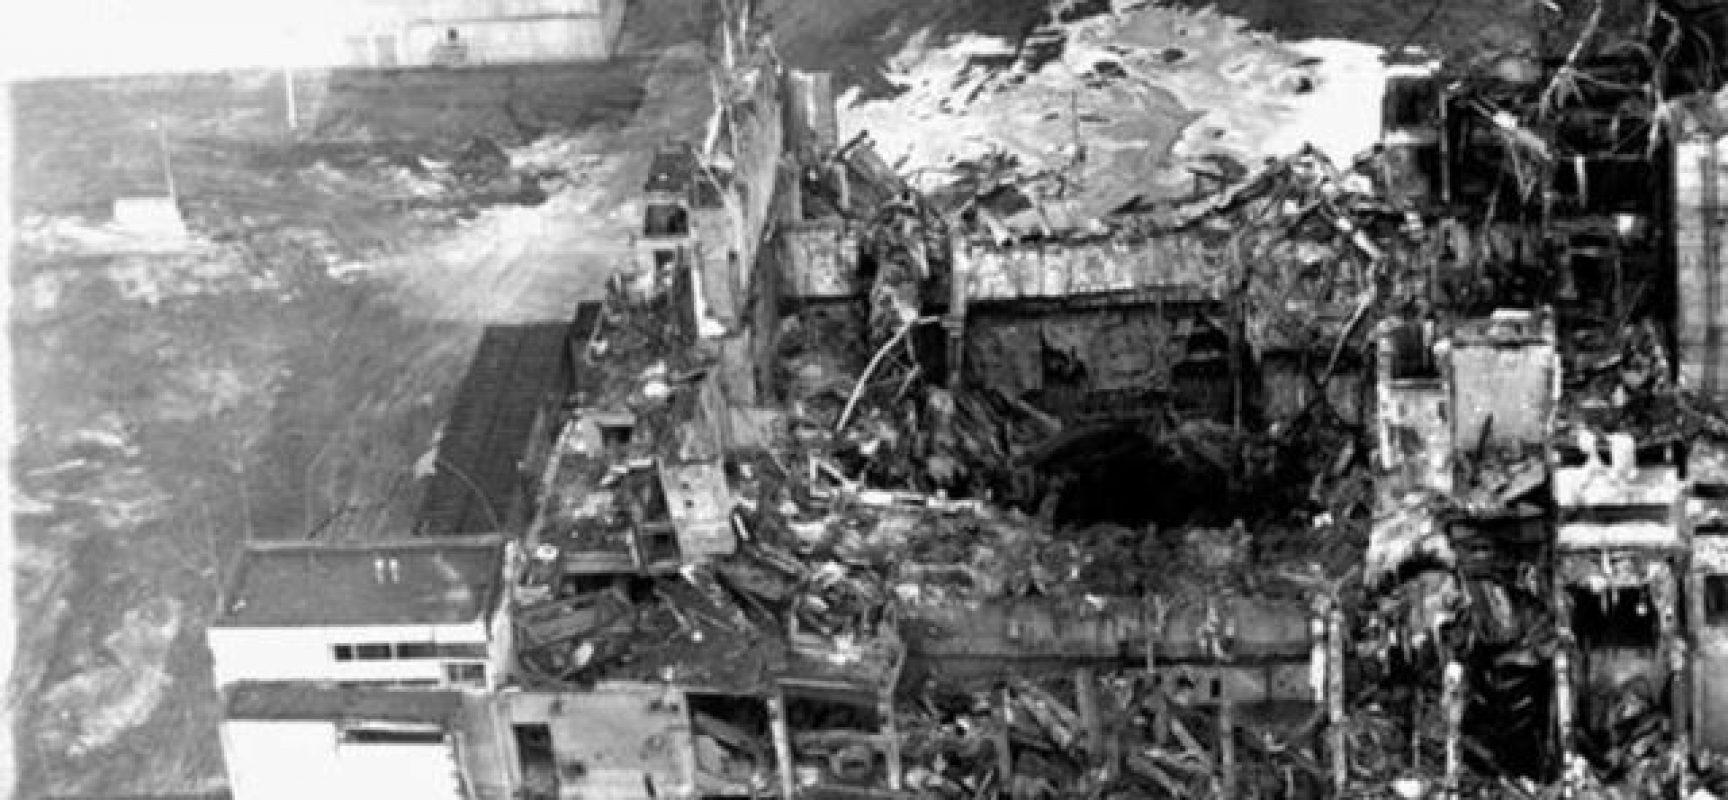 Причините за Чернобилската авария: какво е известно след 30 години